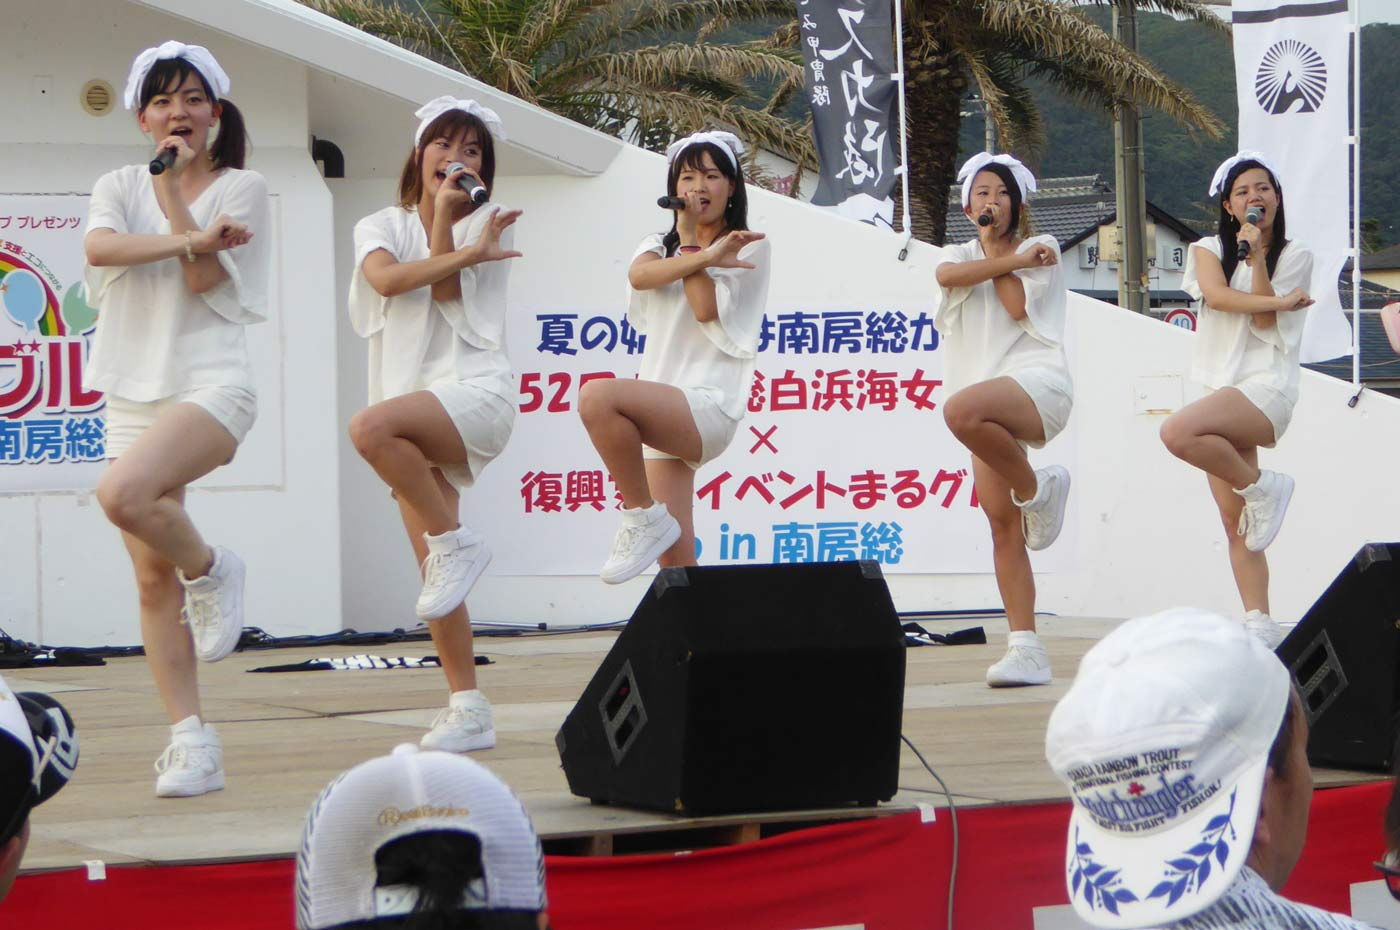 社会貢献アイドル ホワイトビーチのコンサート